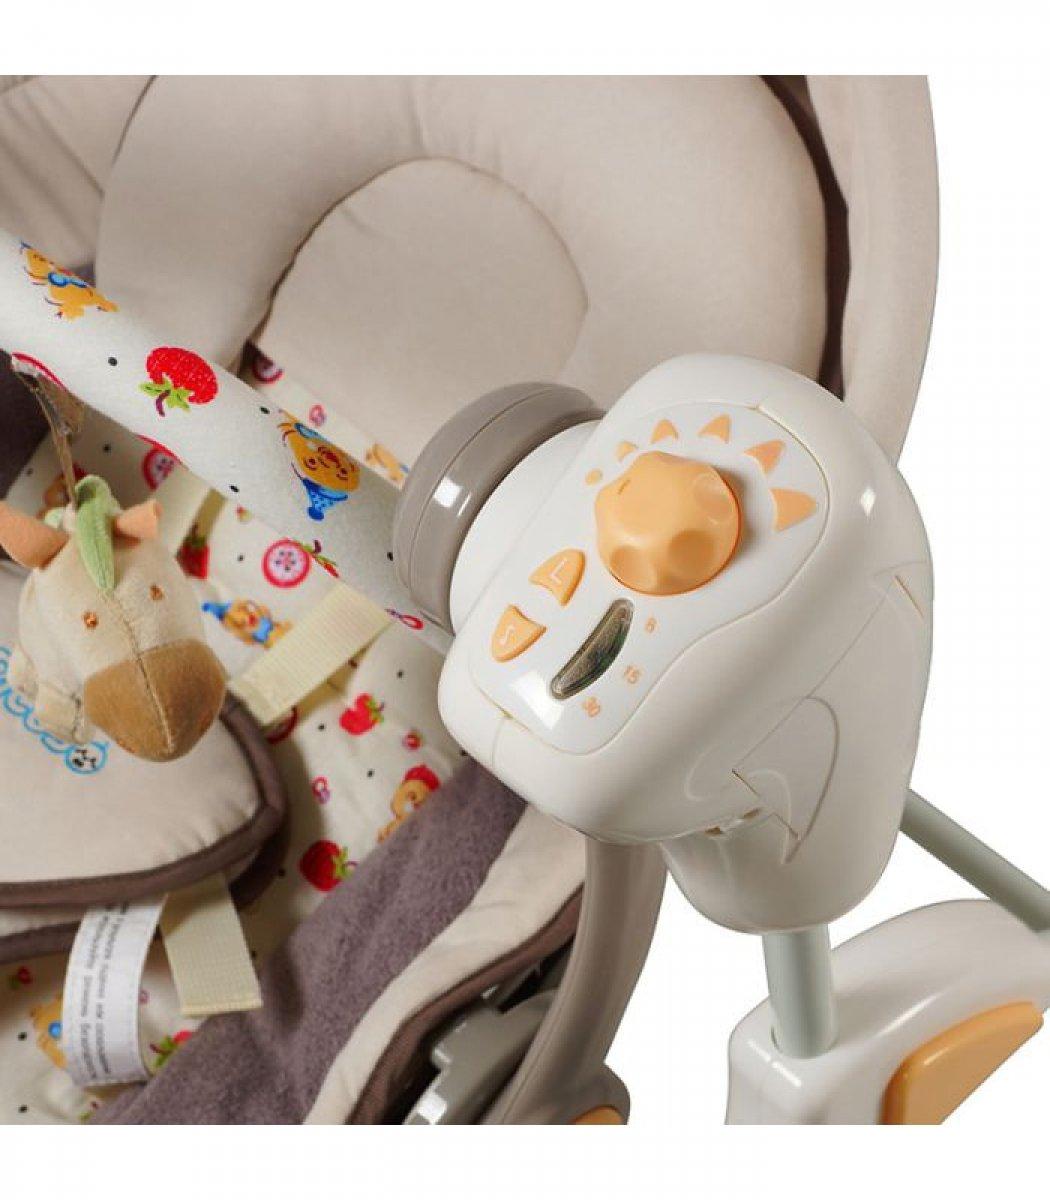 Электрокачели для новорожденных роскошь или необходимость?